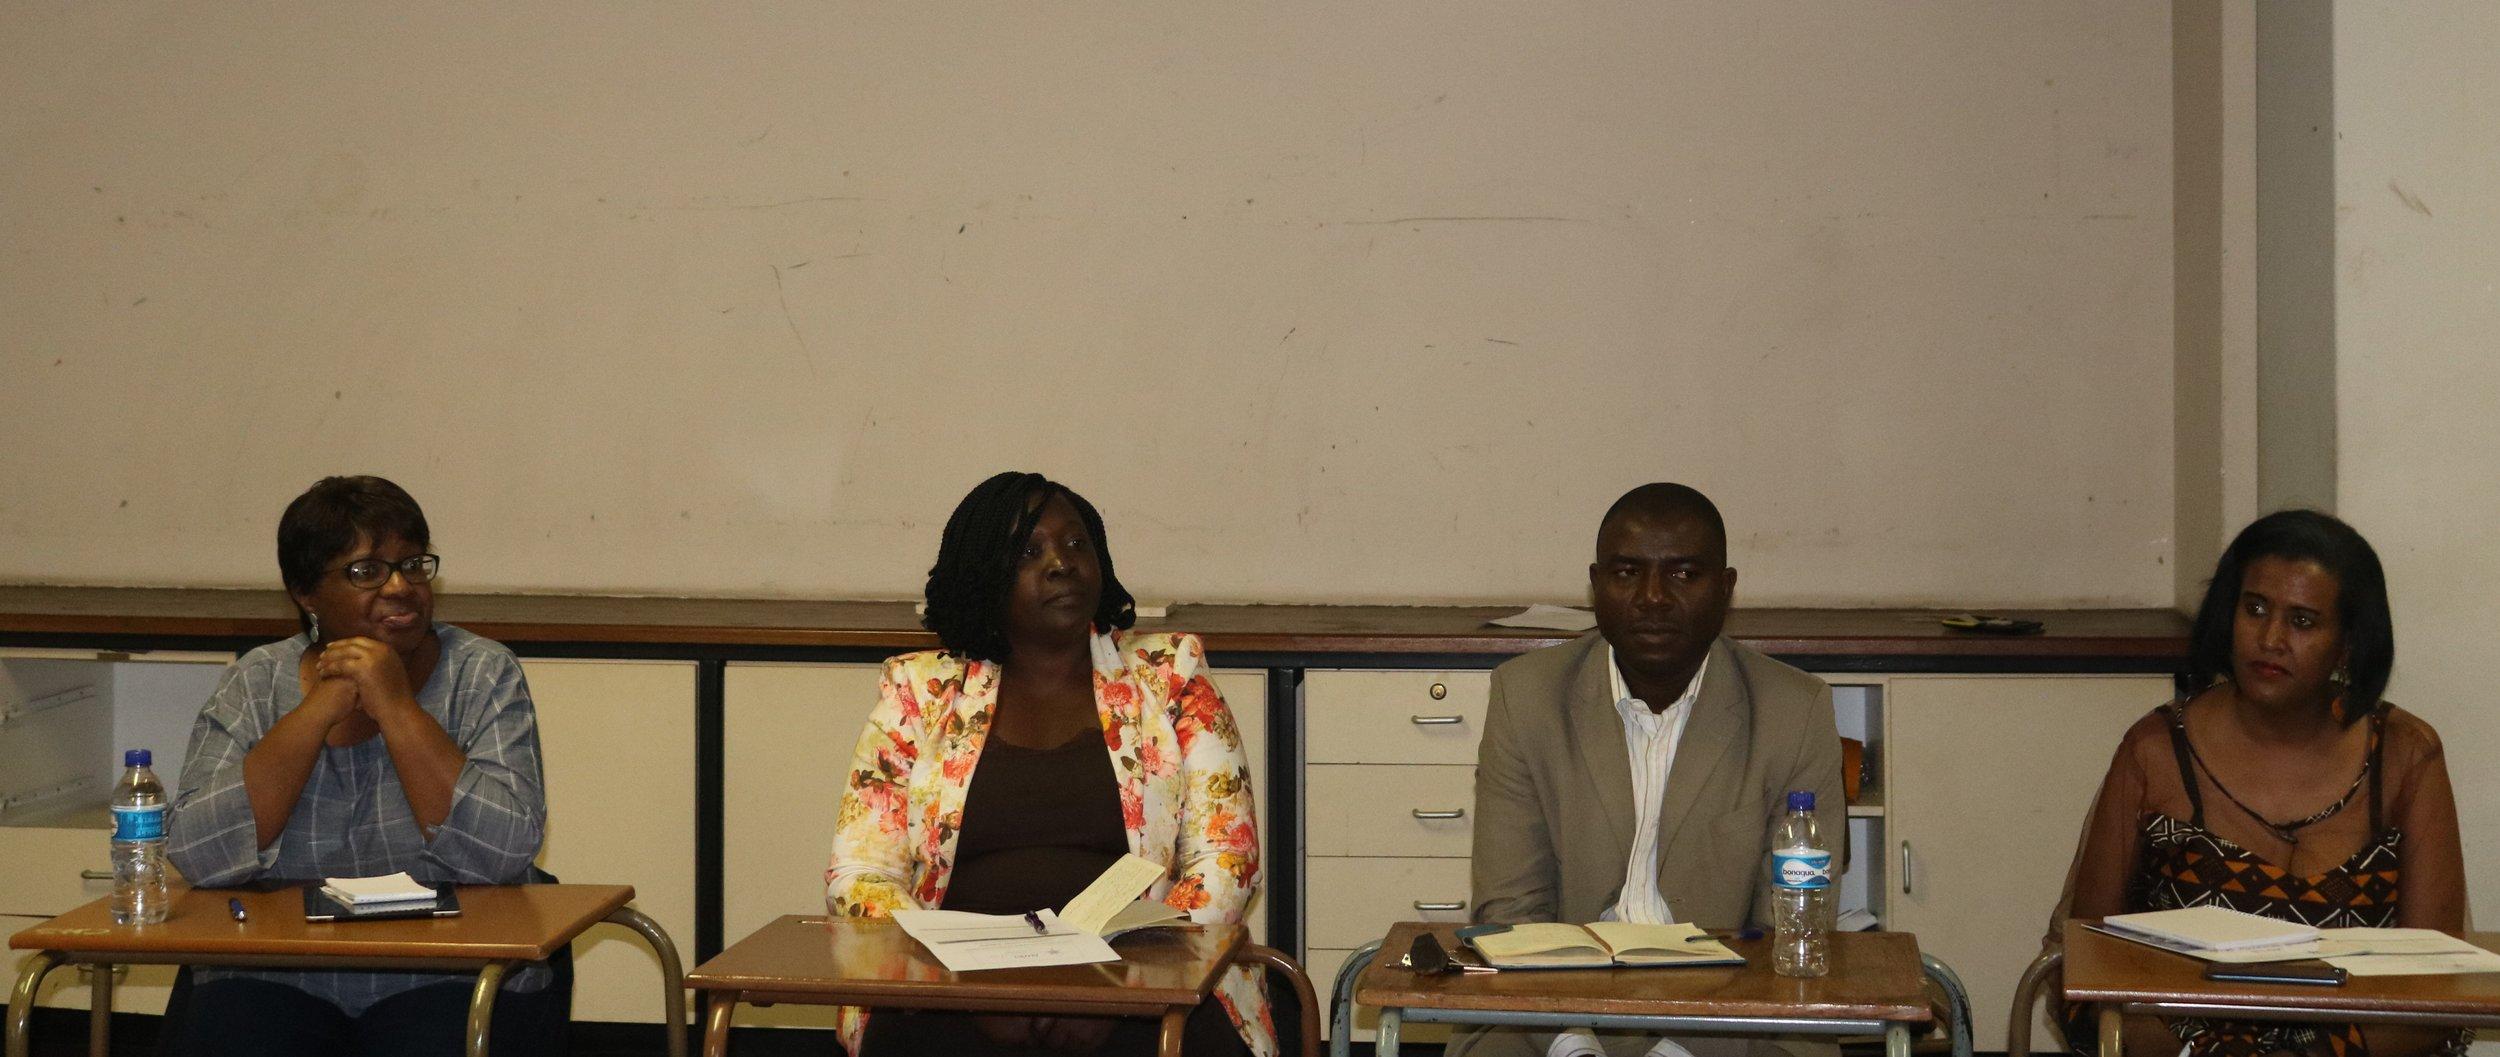 From Left to right, speakers: Angelica Mkorongo, Winnie Ndoro, Ignicious Murambidzi & Eleni Misganaw